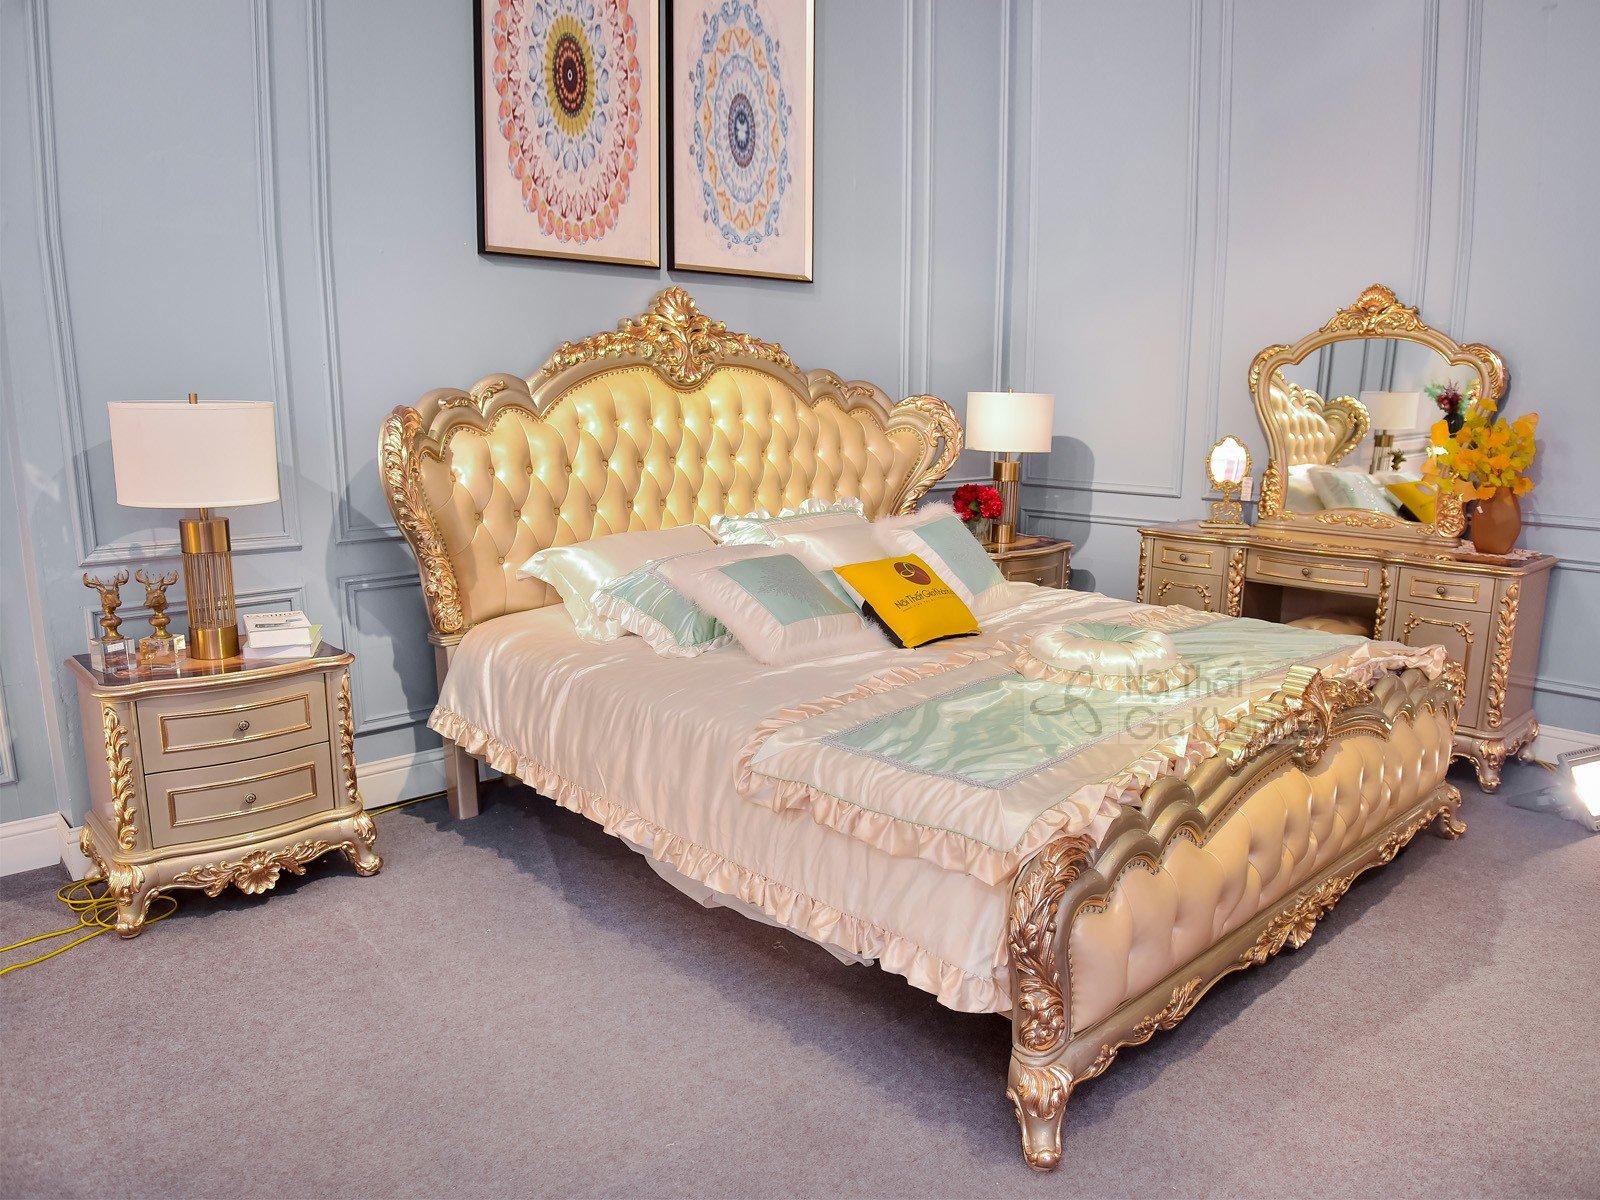 Bộ Phòng Ngủ Tân Cổ Điển Hoàng Gia Pháp Dát Vàng 24K-The Diamond King